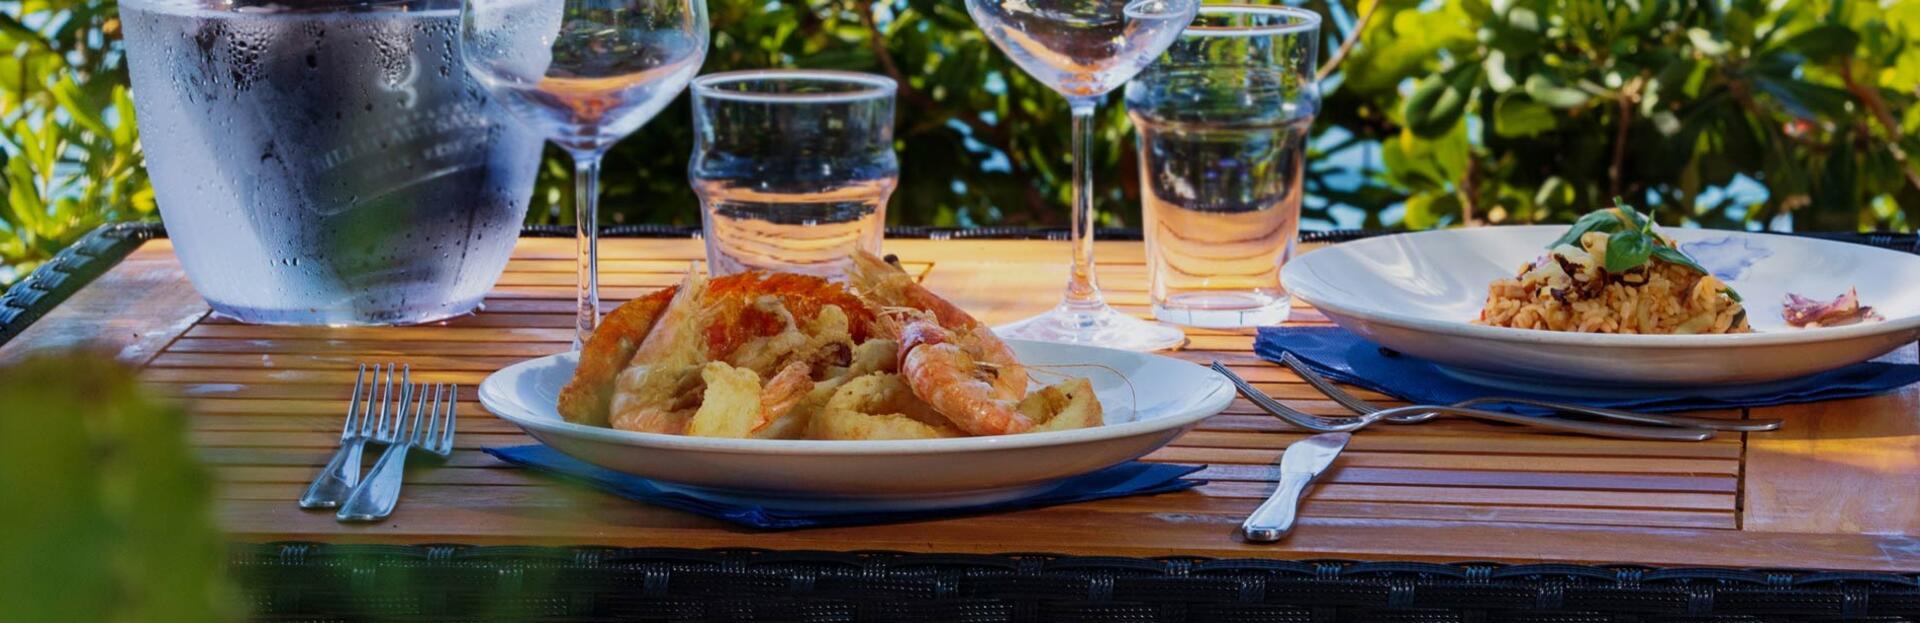 rivieracalabra en restaurant 009